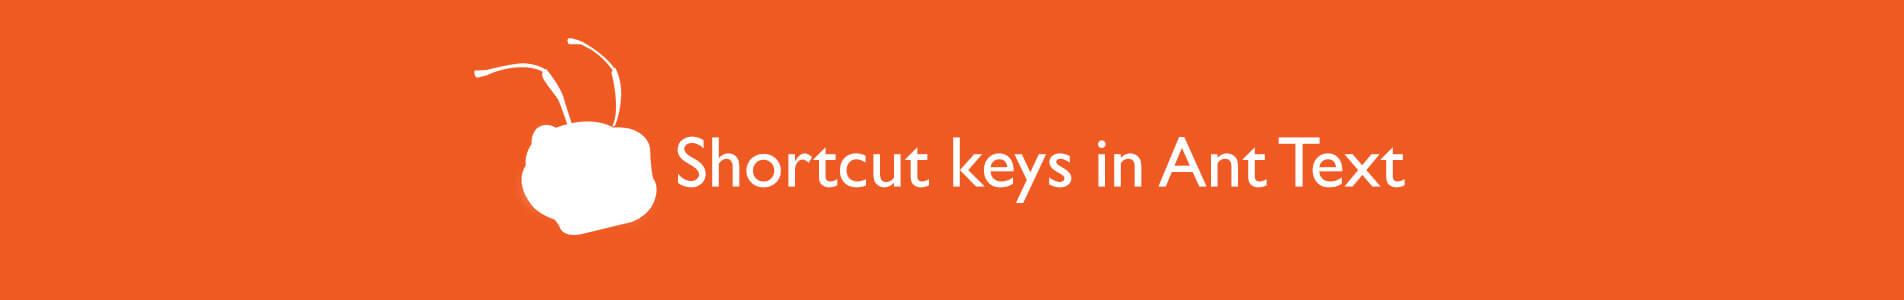 Header shortcut keys in Ant Text